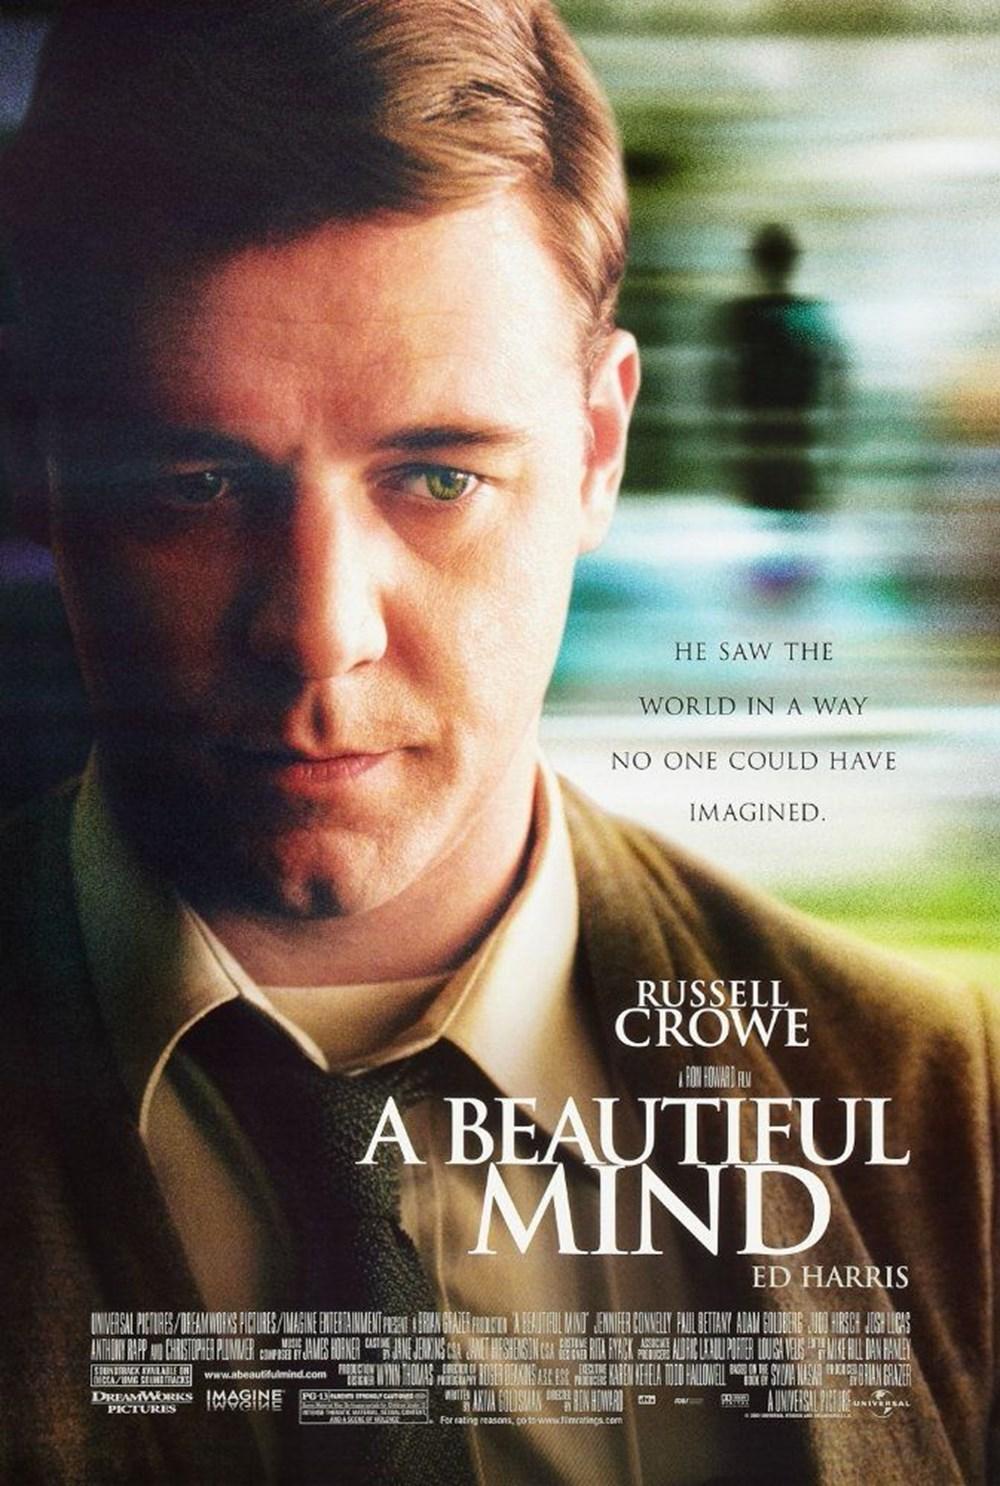 93. Oscar Ödülleri sonrası bugüne kadar ödül alan en iyi filmler - 75